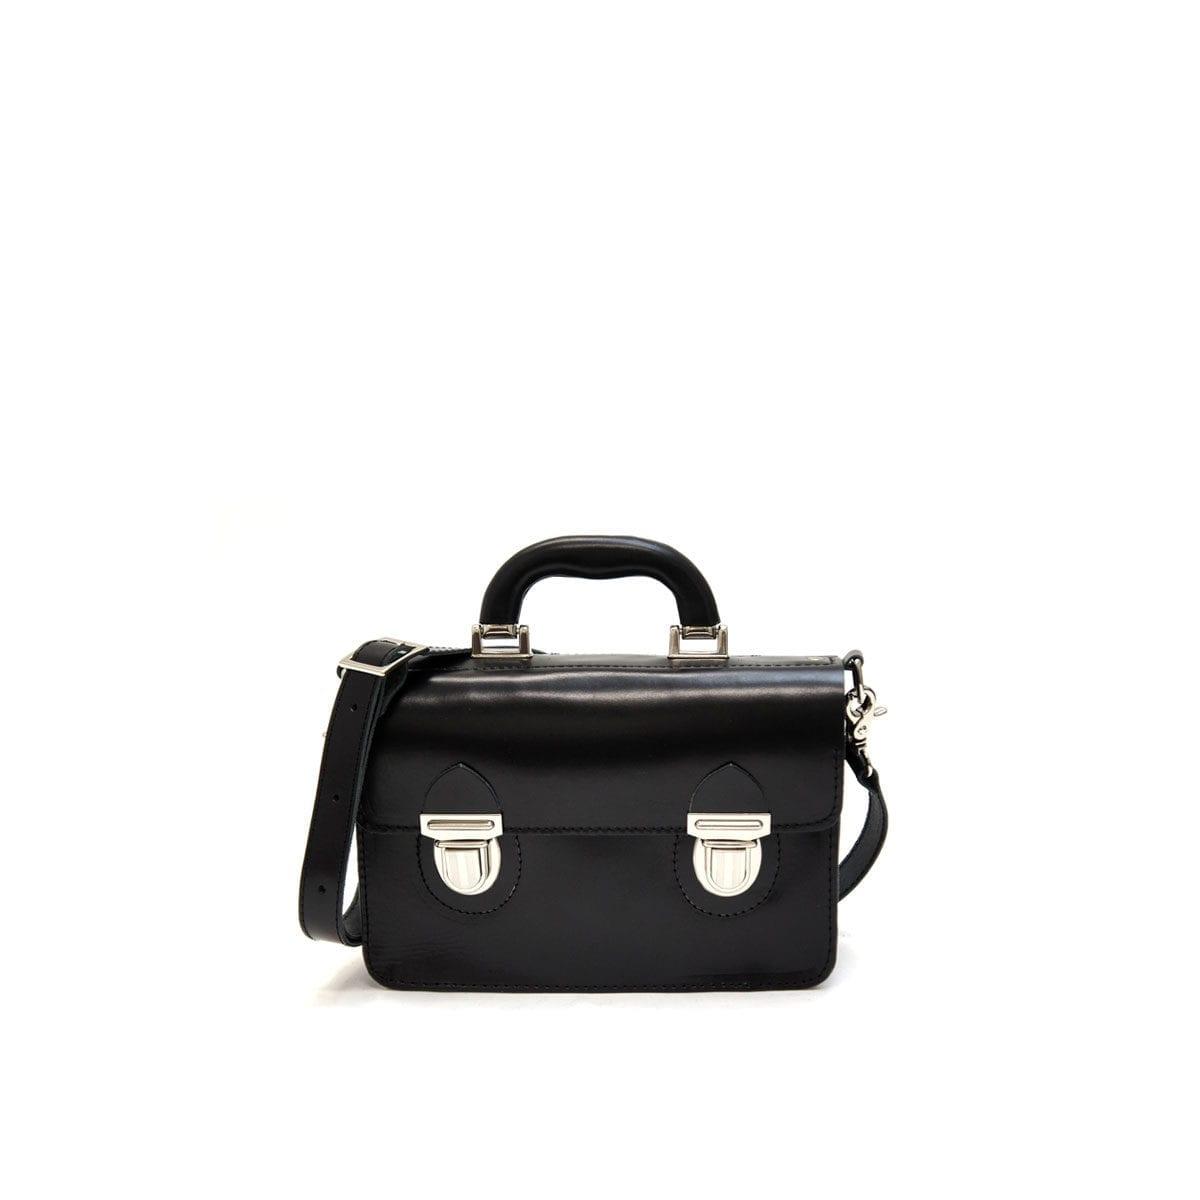 9db96bf6df Miki Small Postman Bag Black – Lumi Accessories